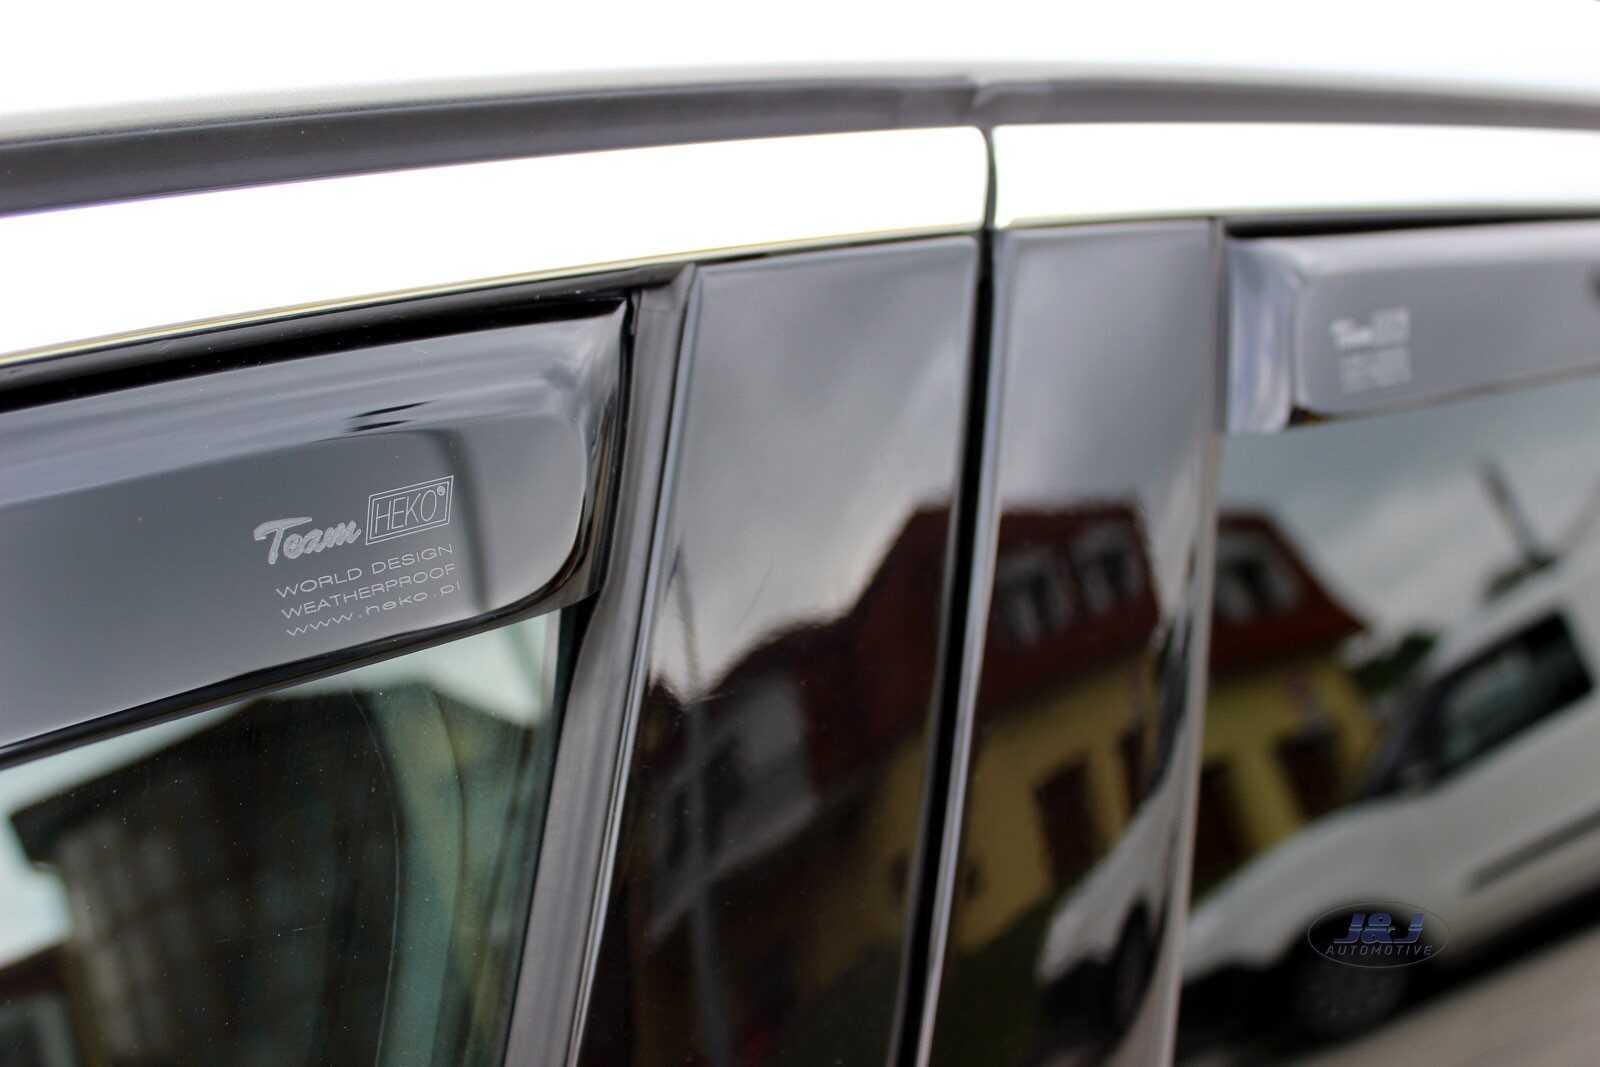 DEDC 8 Pcs Siffle Cerf Avertissement Ultrasonique Alerte pour Eviter Cerfs Collisions Animaux Dispositifs Alarme pour Voitures Motos SUV